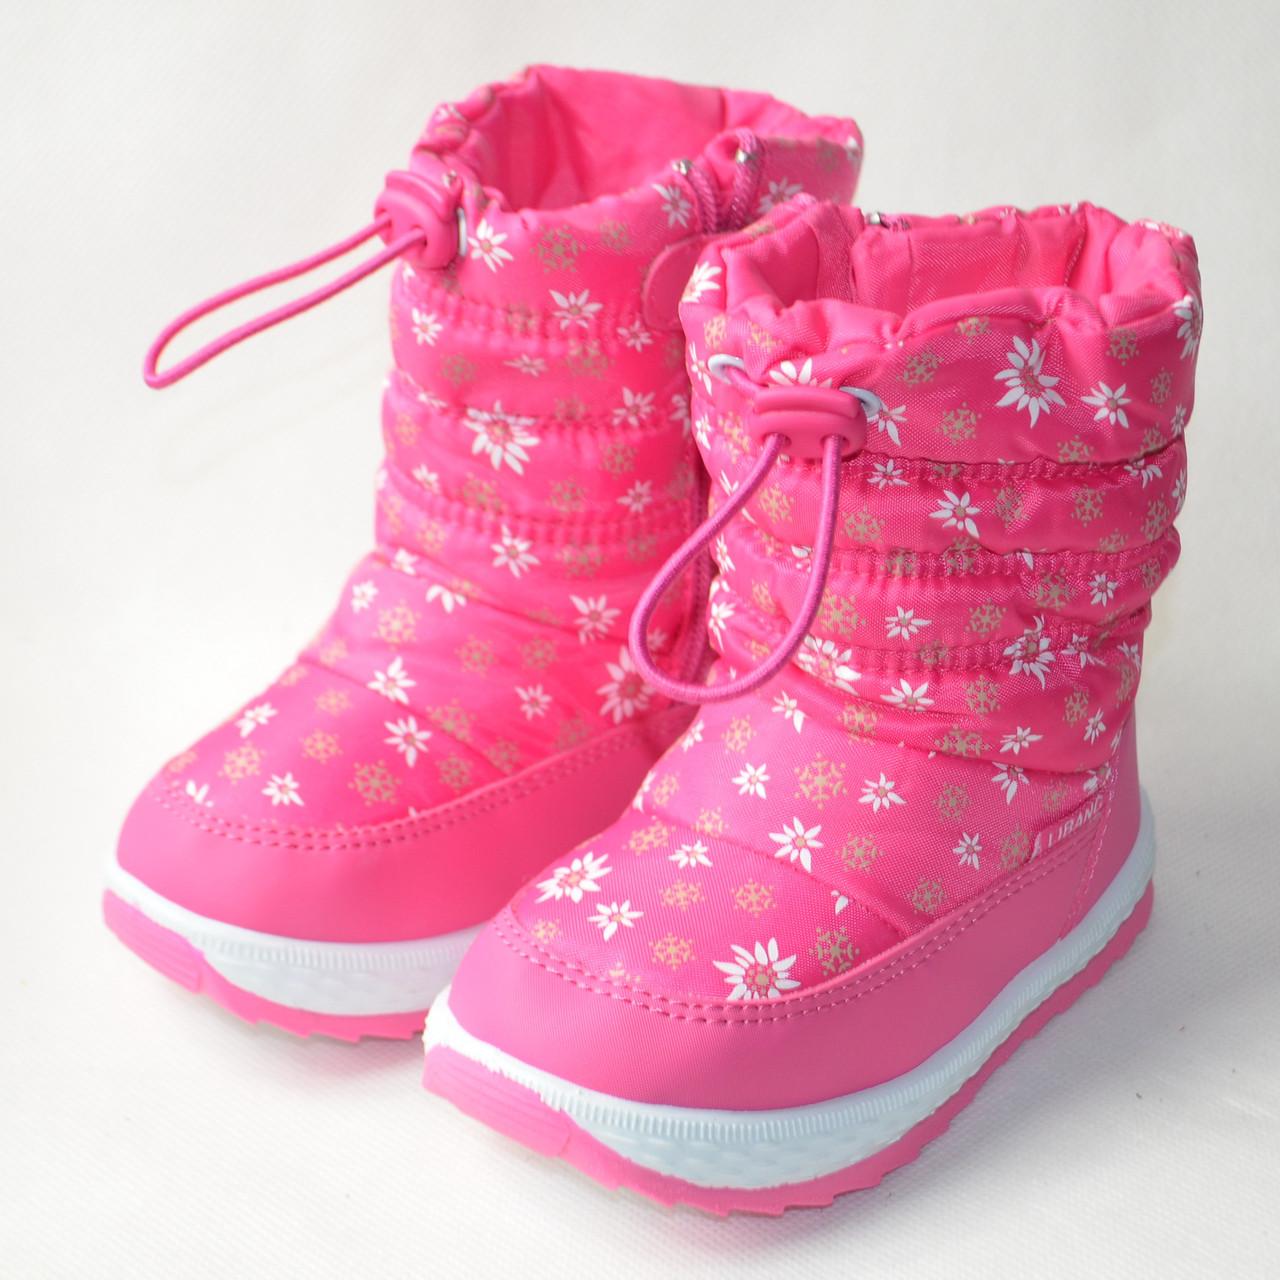 Детские дутики теплые на зиму для девочки сапоги розовые ромашка 25р 16см